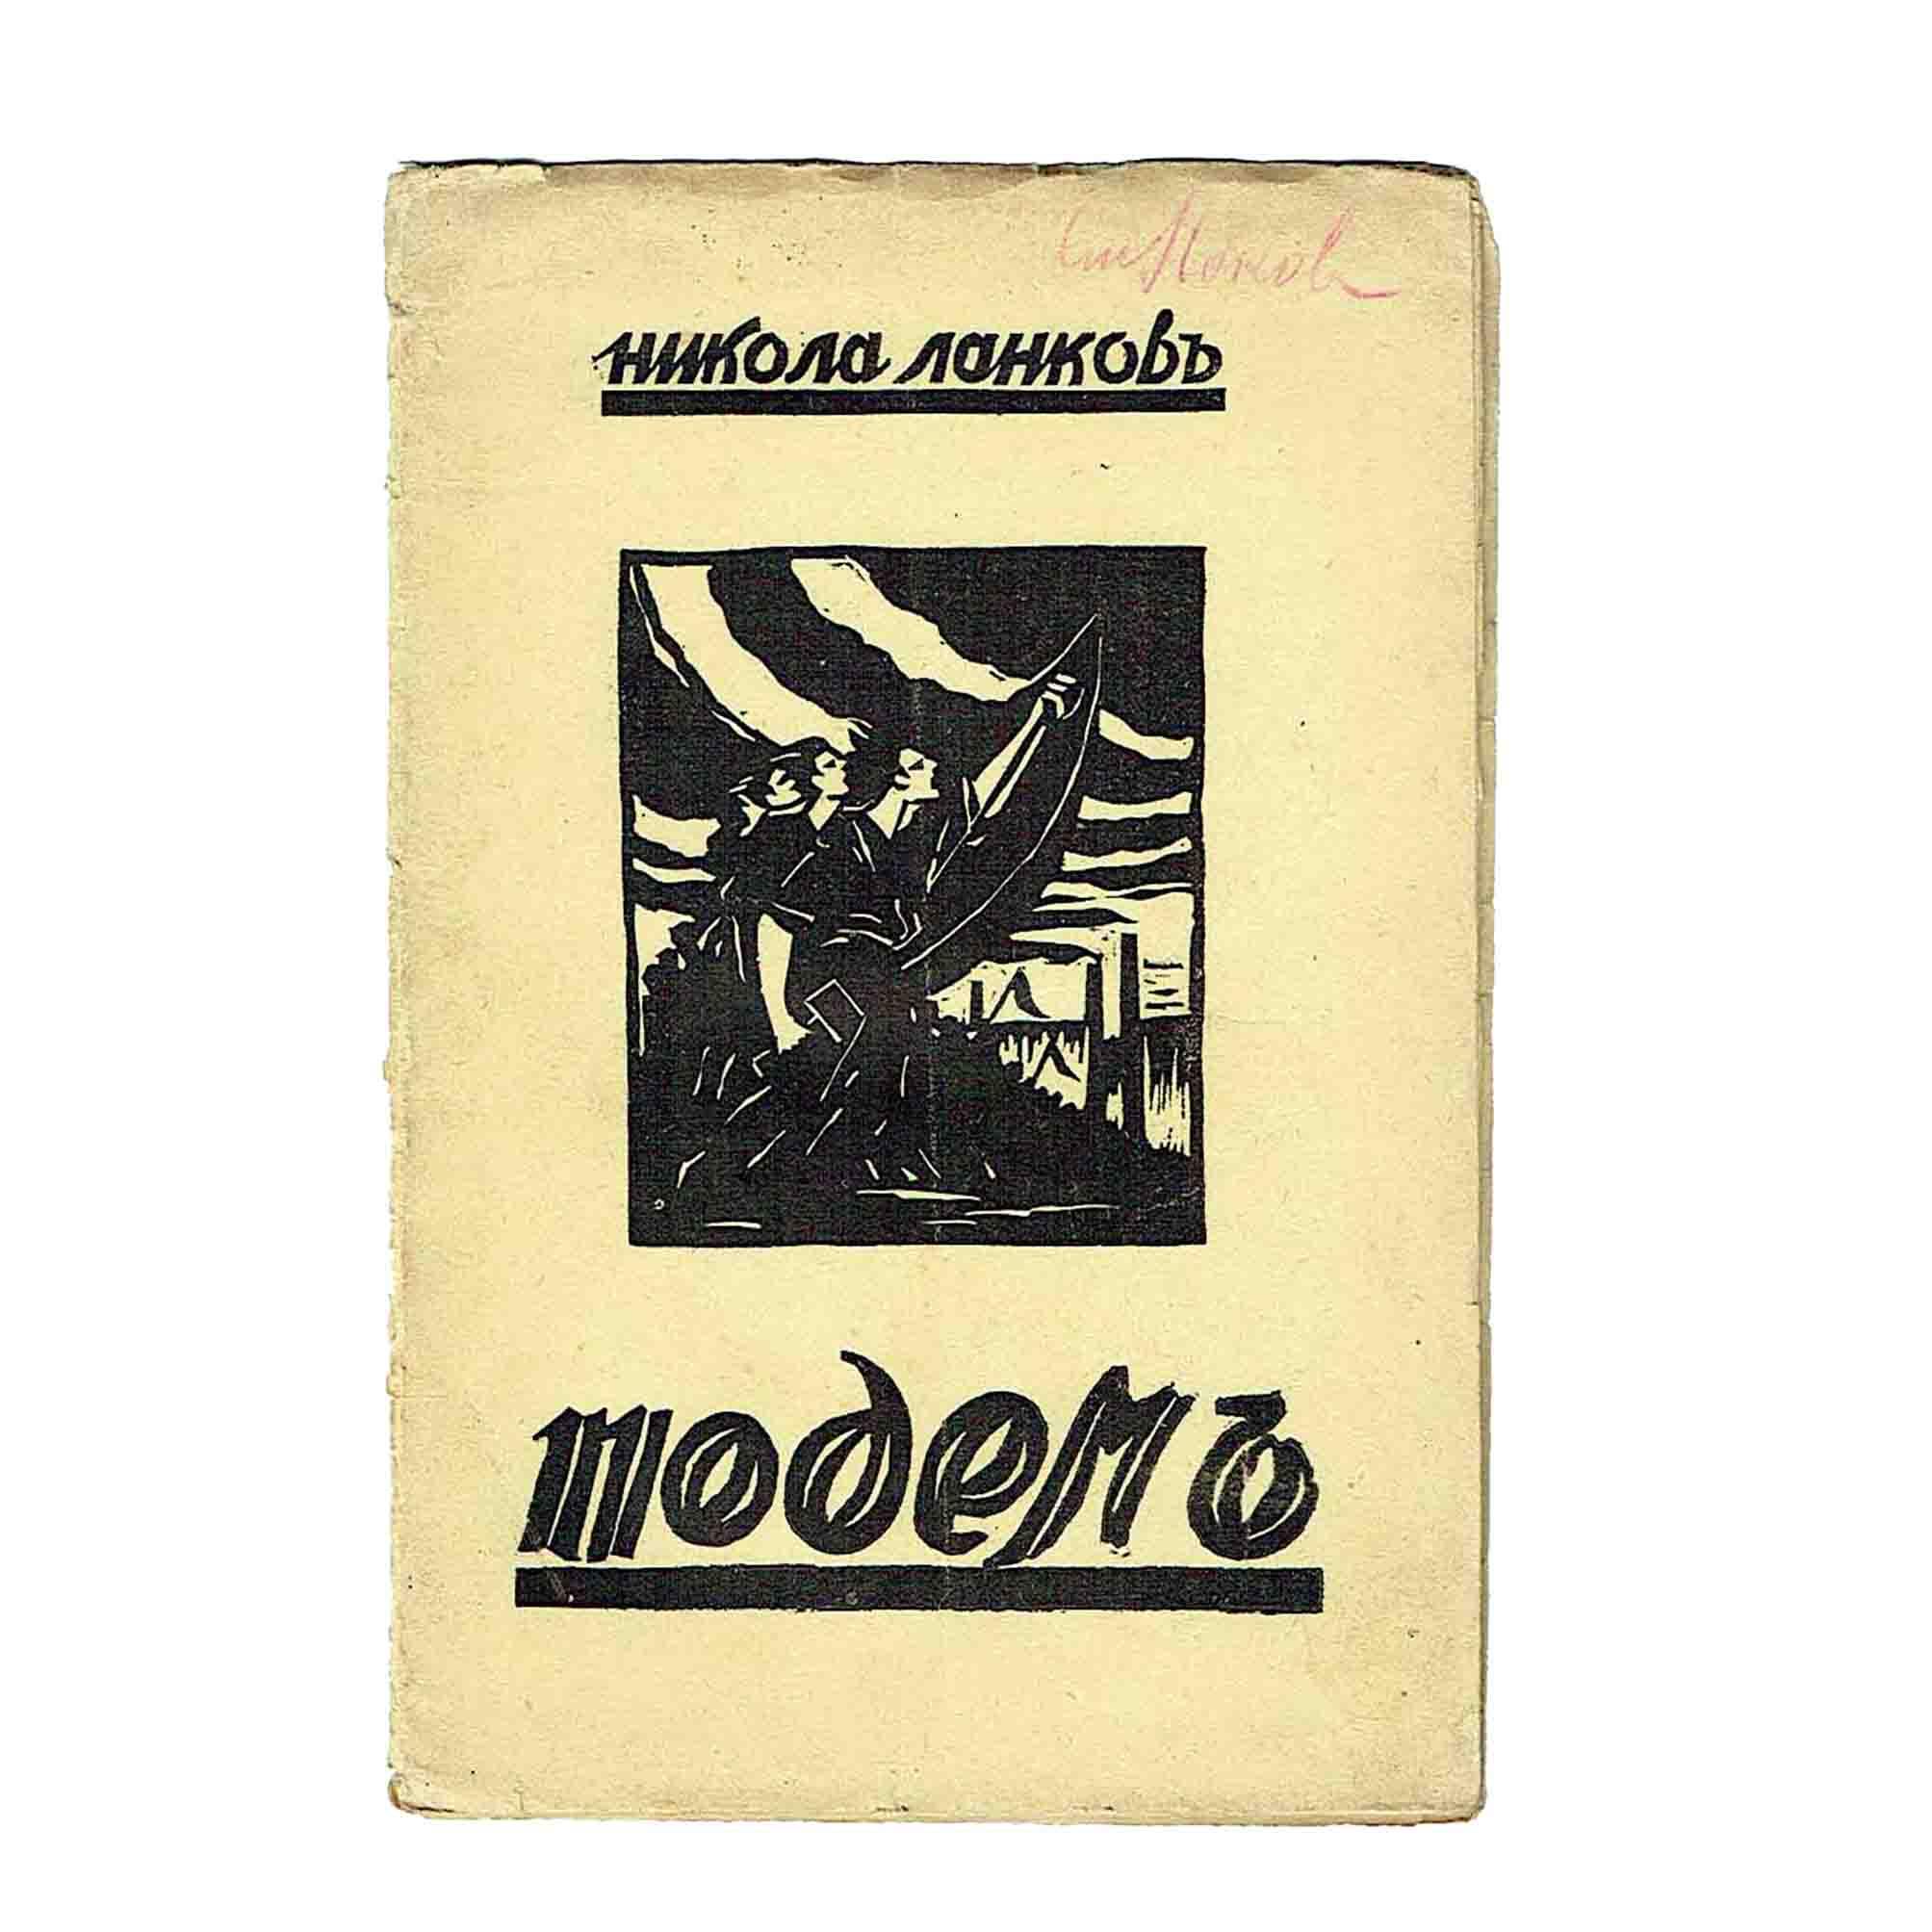 5856 Lankov Barov Podem Aufstand 1931 Zensur Umschlag frei N